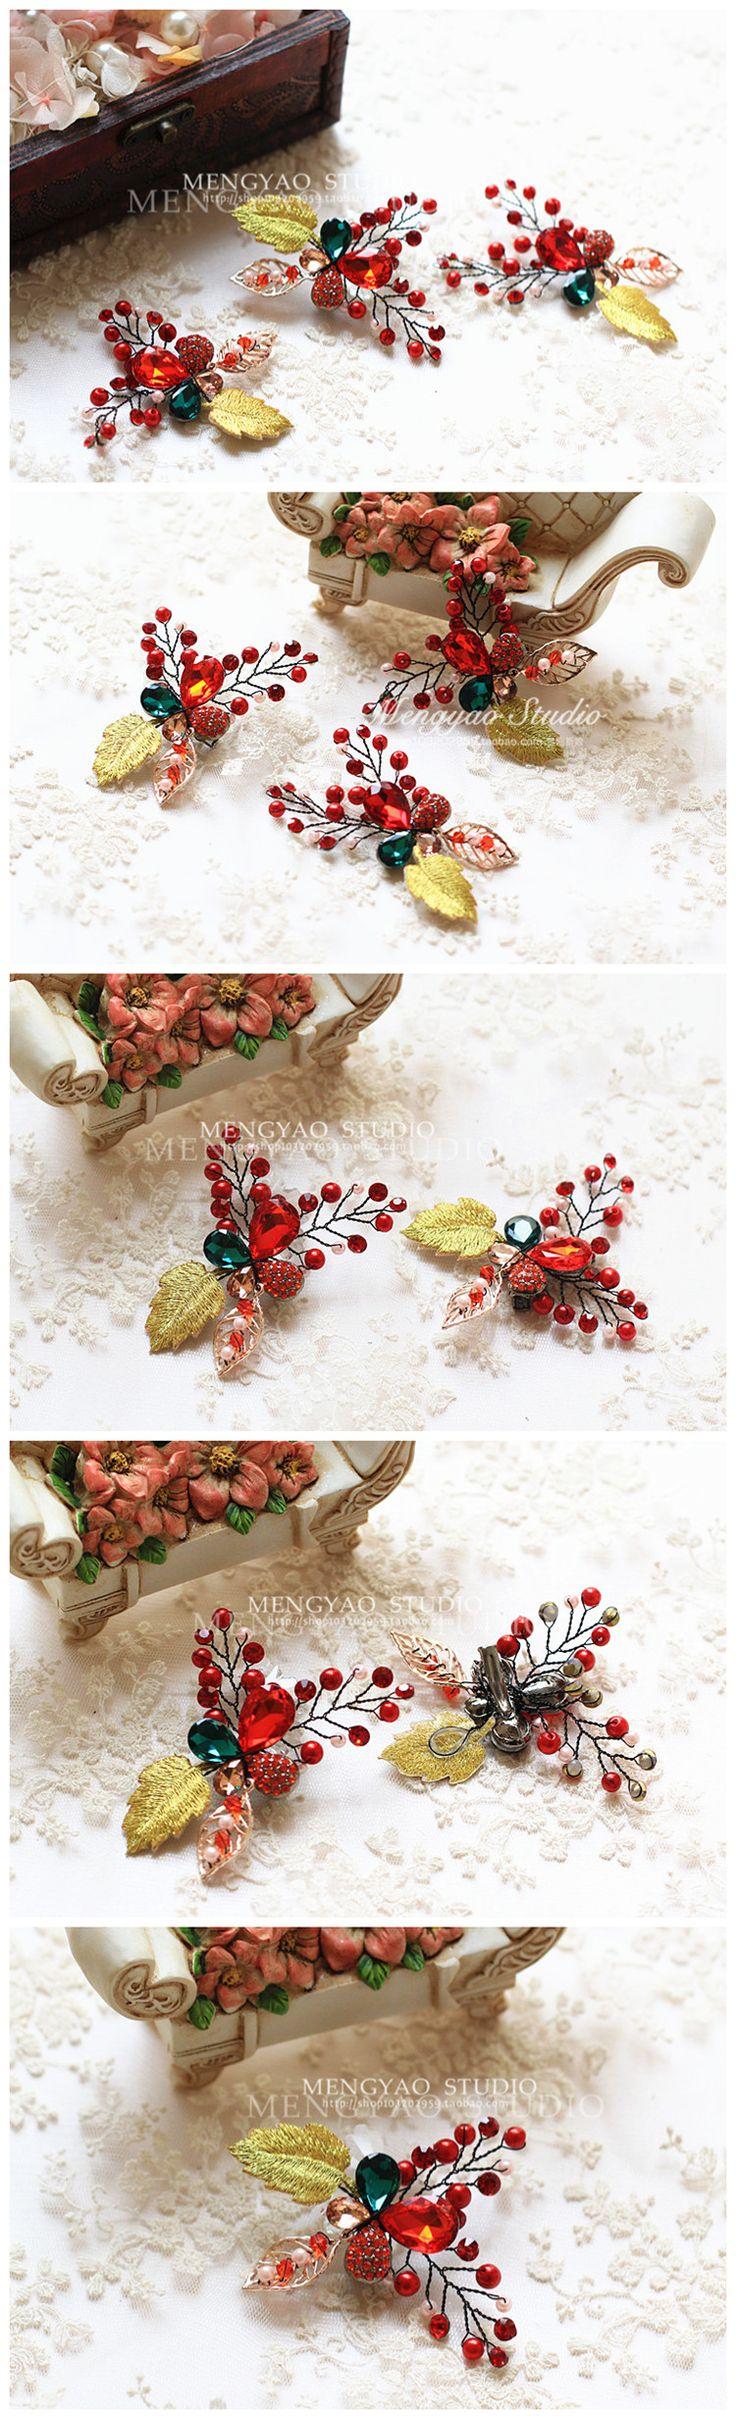 Костюм невесты головного убора шпилька шпилька шпилька небольшие традиционные свадебные блюда украшения для волос аксессуары для волос свадебное платье аксессуары - Taobao